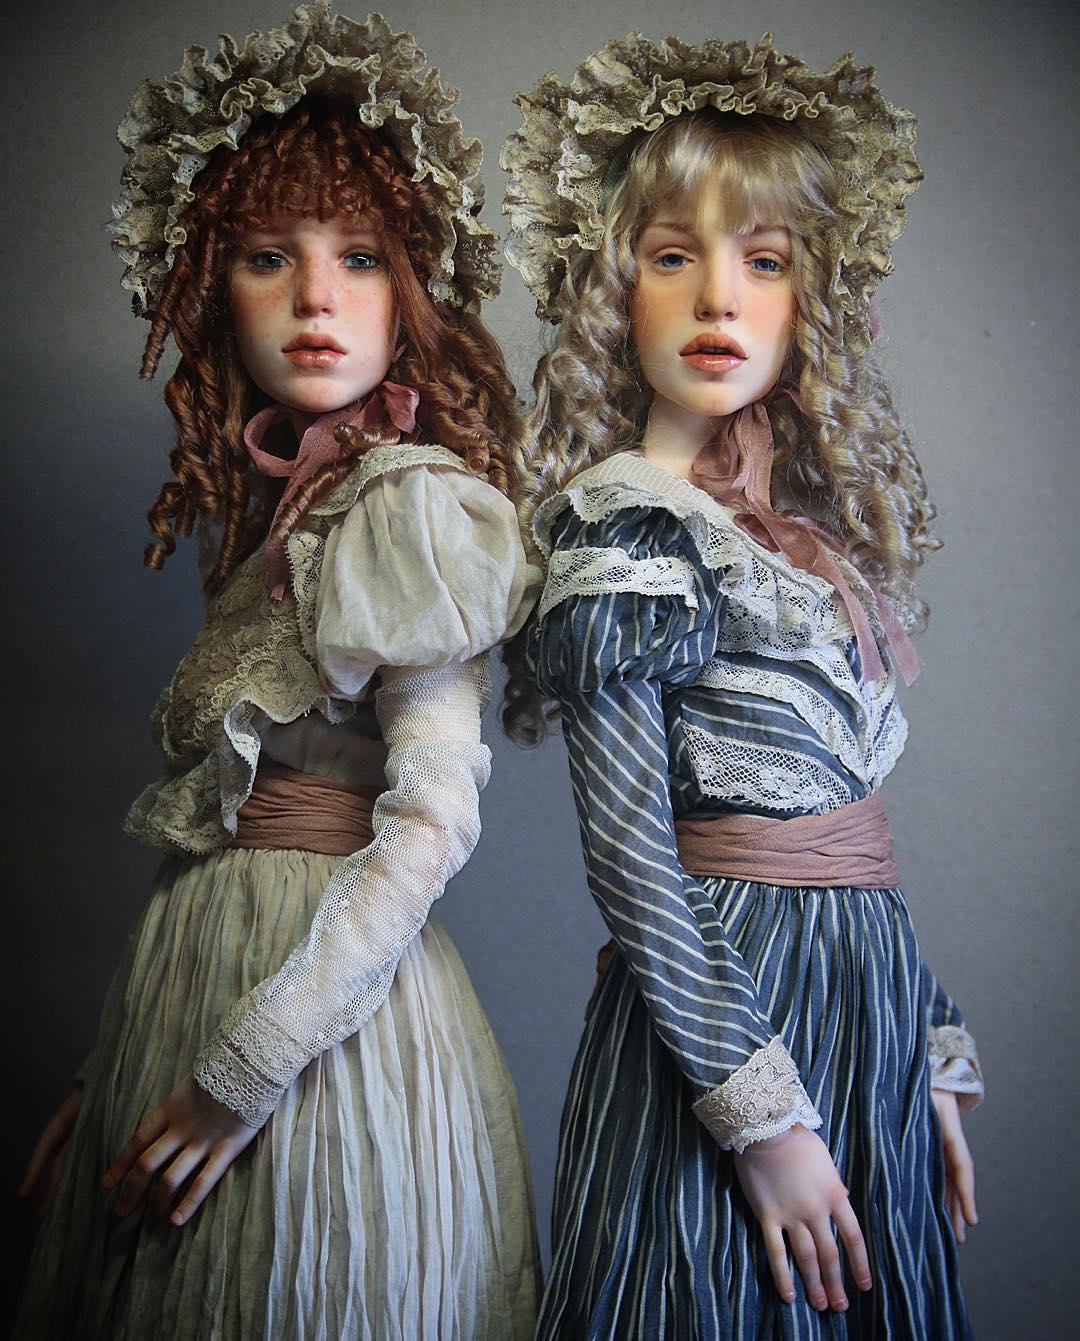 Як виглядають ляльки, яких можна сплутати з людьми - фото 2